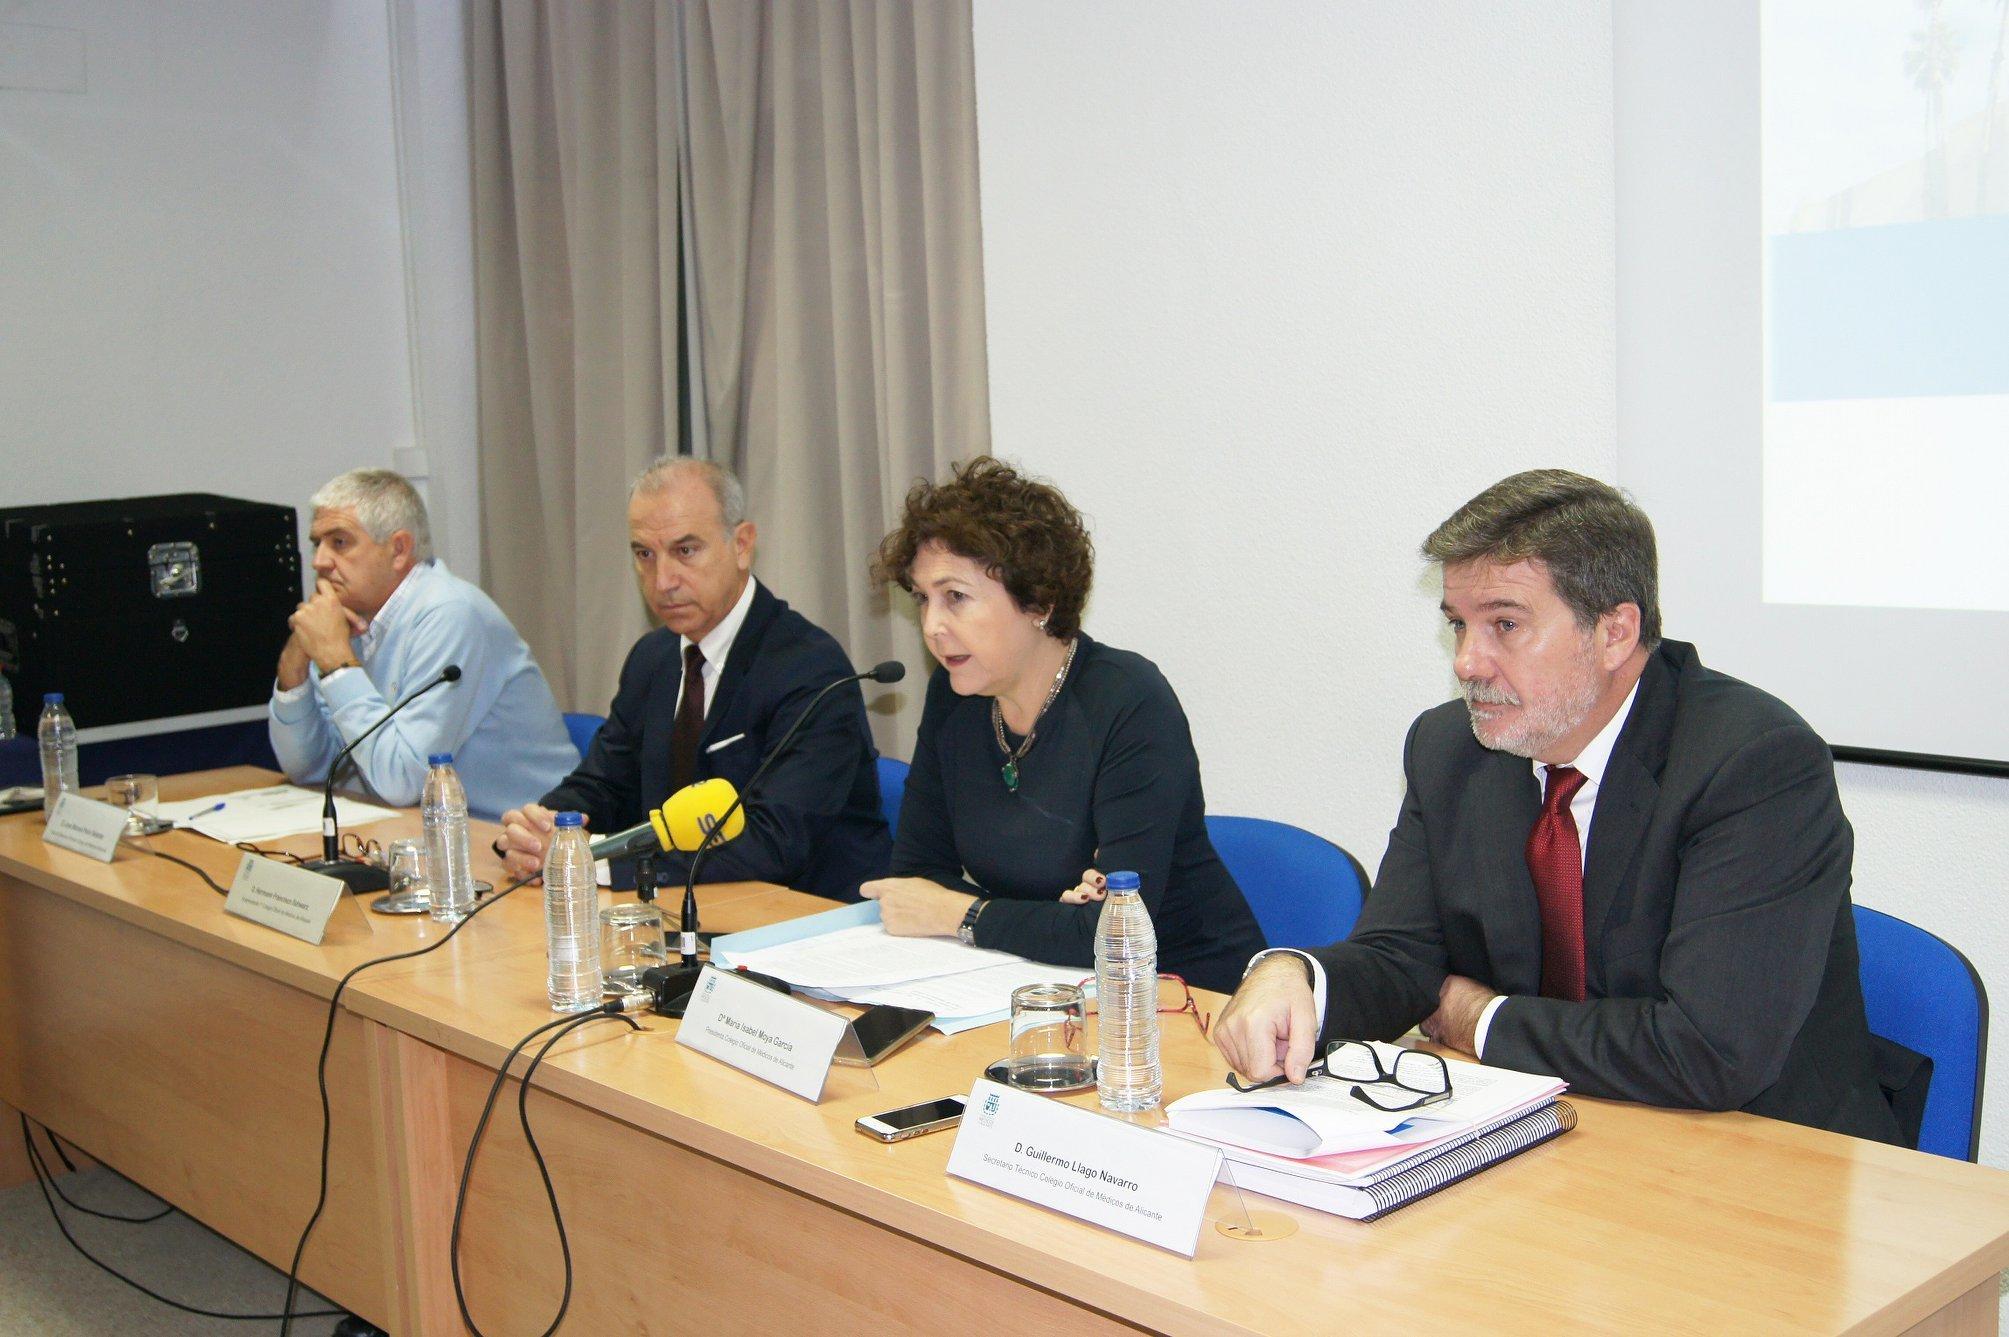 La junta directiva del COMA, en la rueda de prensa en la que hizo públicas las irregularidades detectadas.